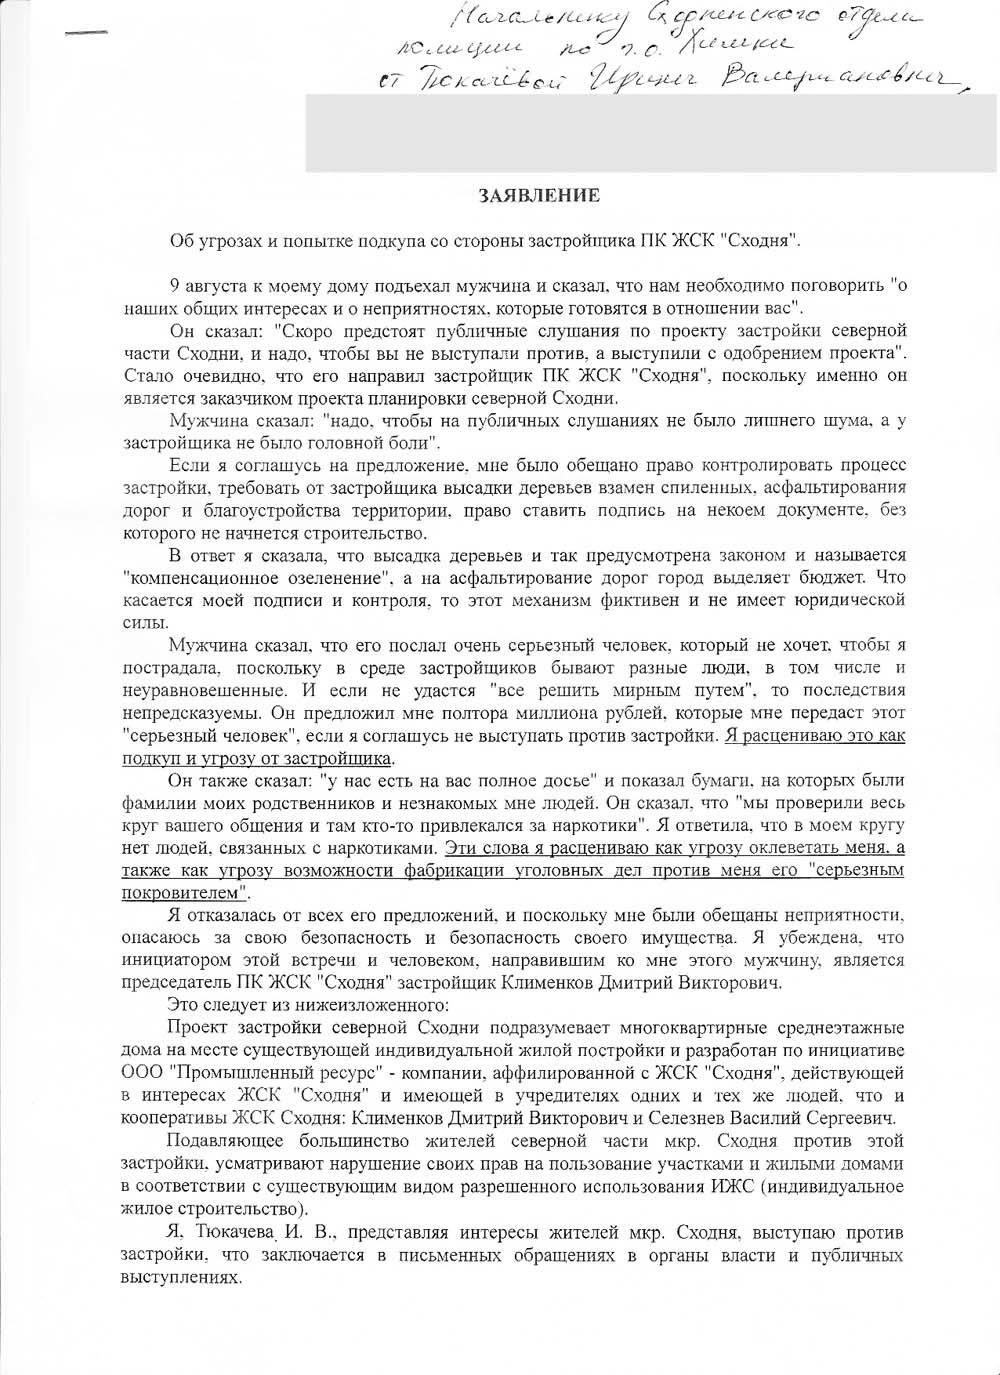 Тюкачева - заявление1